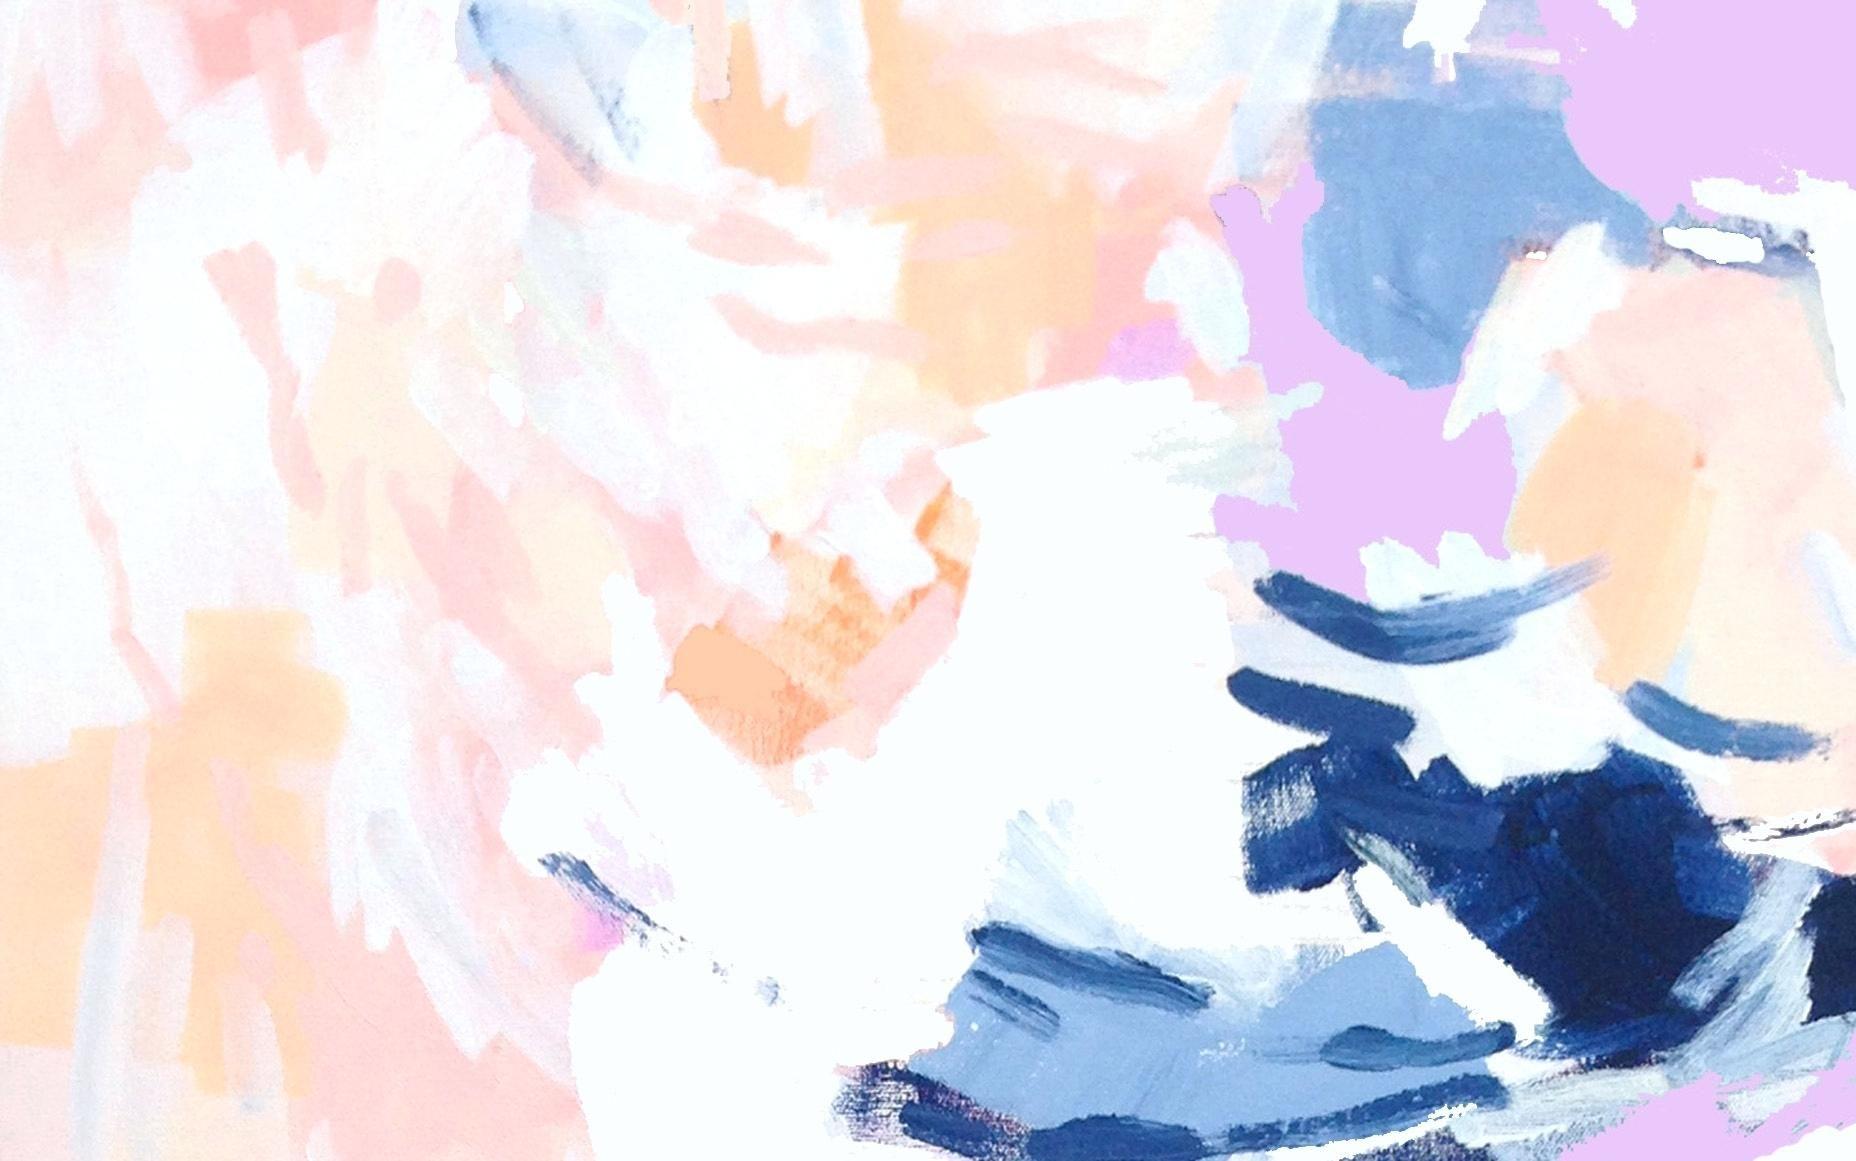 1856x1161 Paint Wallpaper Designs Best Cute Desktop Ideas On Pretty Desktop Wallpaper Art Desktop Wallpaper Art Design Macbook Air Wallpaper